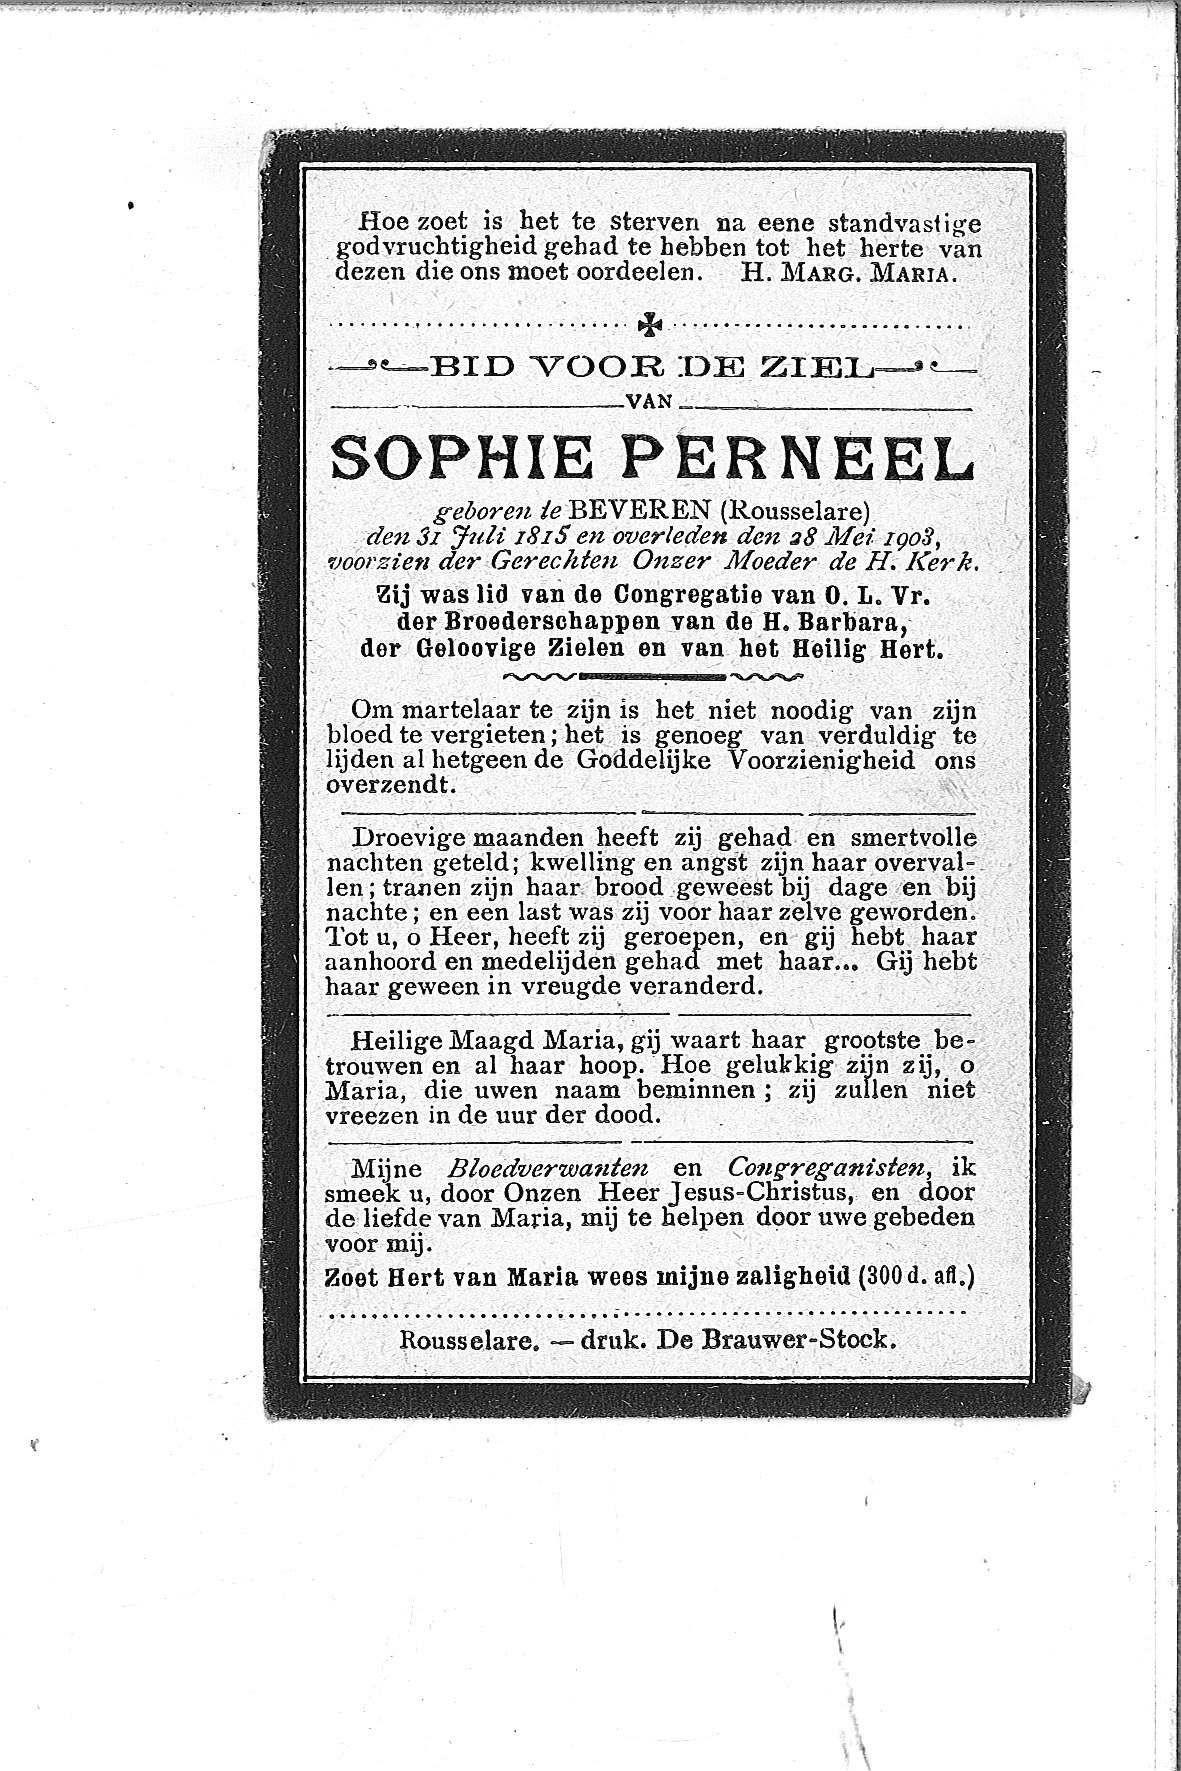 Sophie(1903)20140410133954_00033.jpg